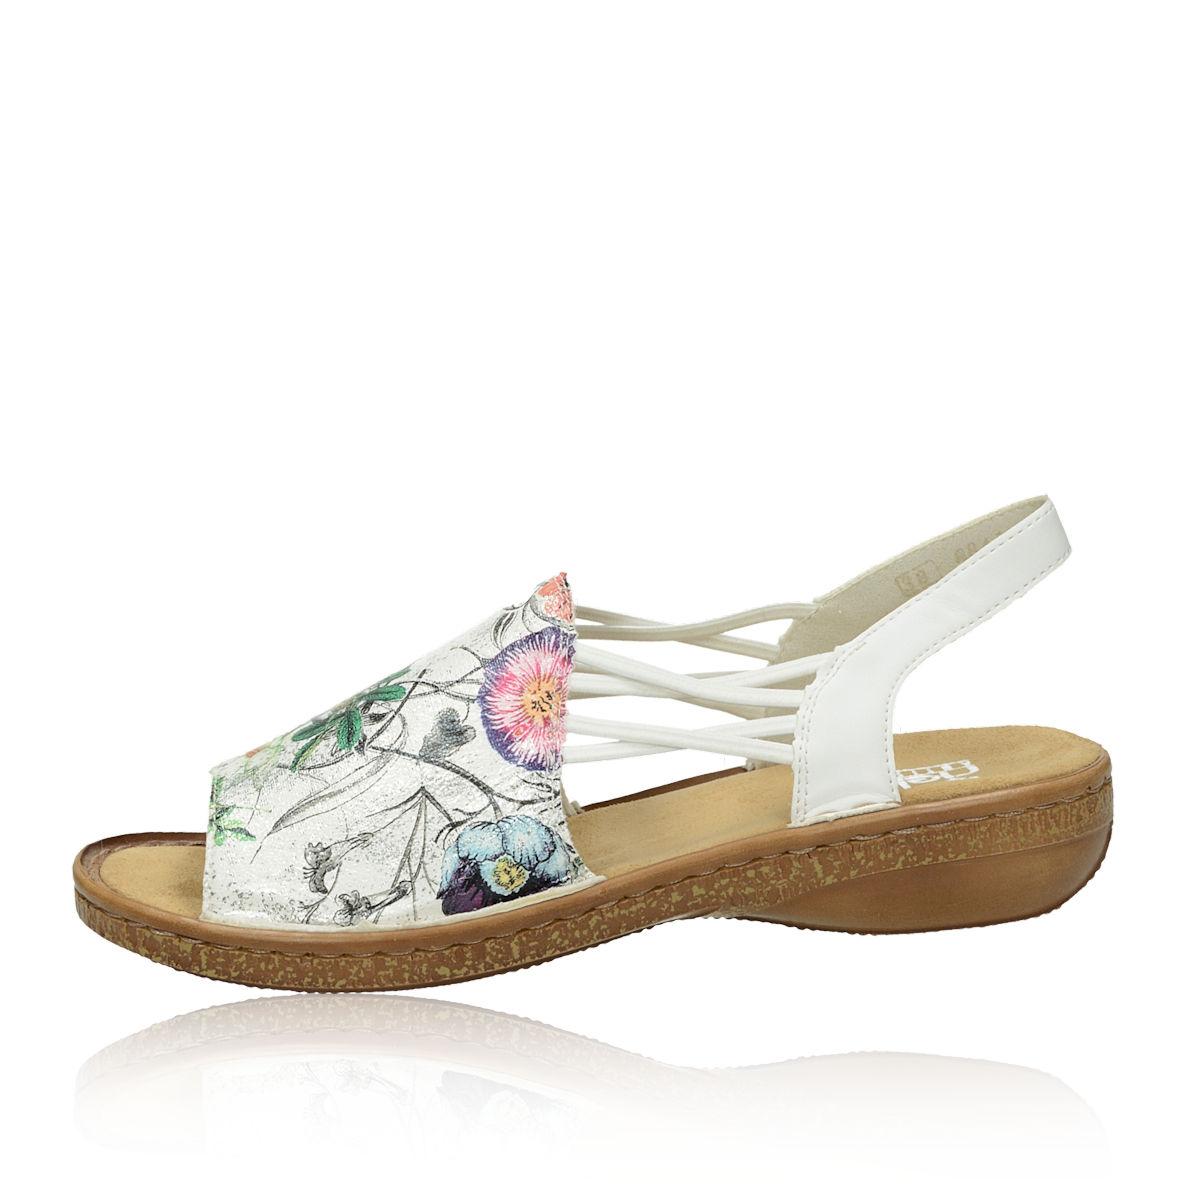 2bba472fda40f Rieker dámske štýlové sandále s kvetovým motívom - biele   628D190 ...